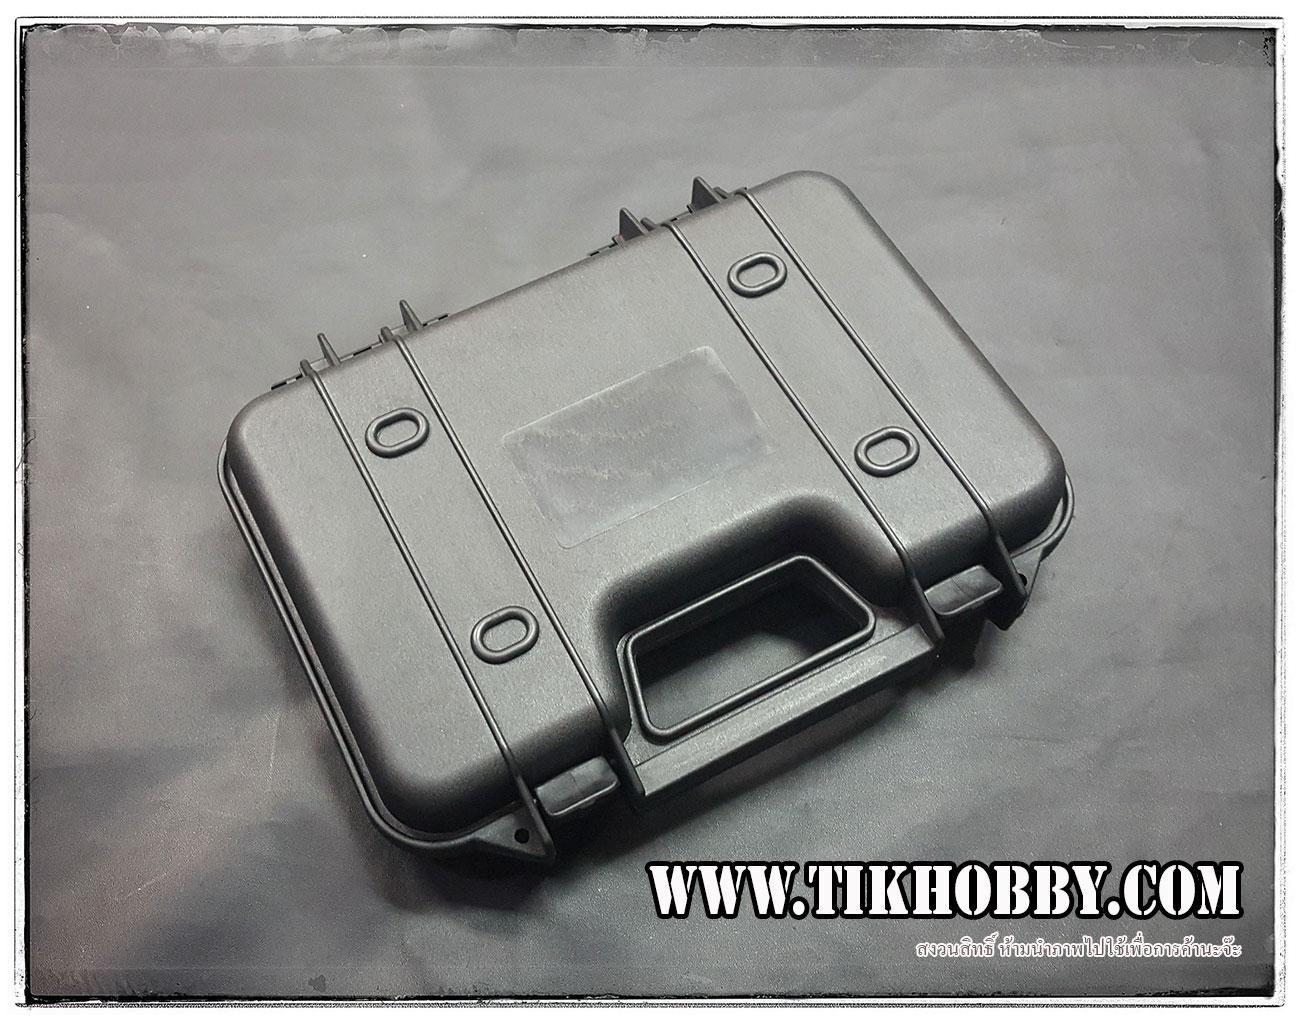 กระเป๋าปืนแบบพลาสติกแข็ง F สำหรับปืนสั้น